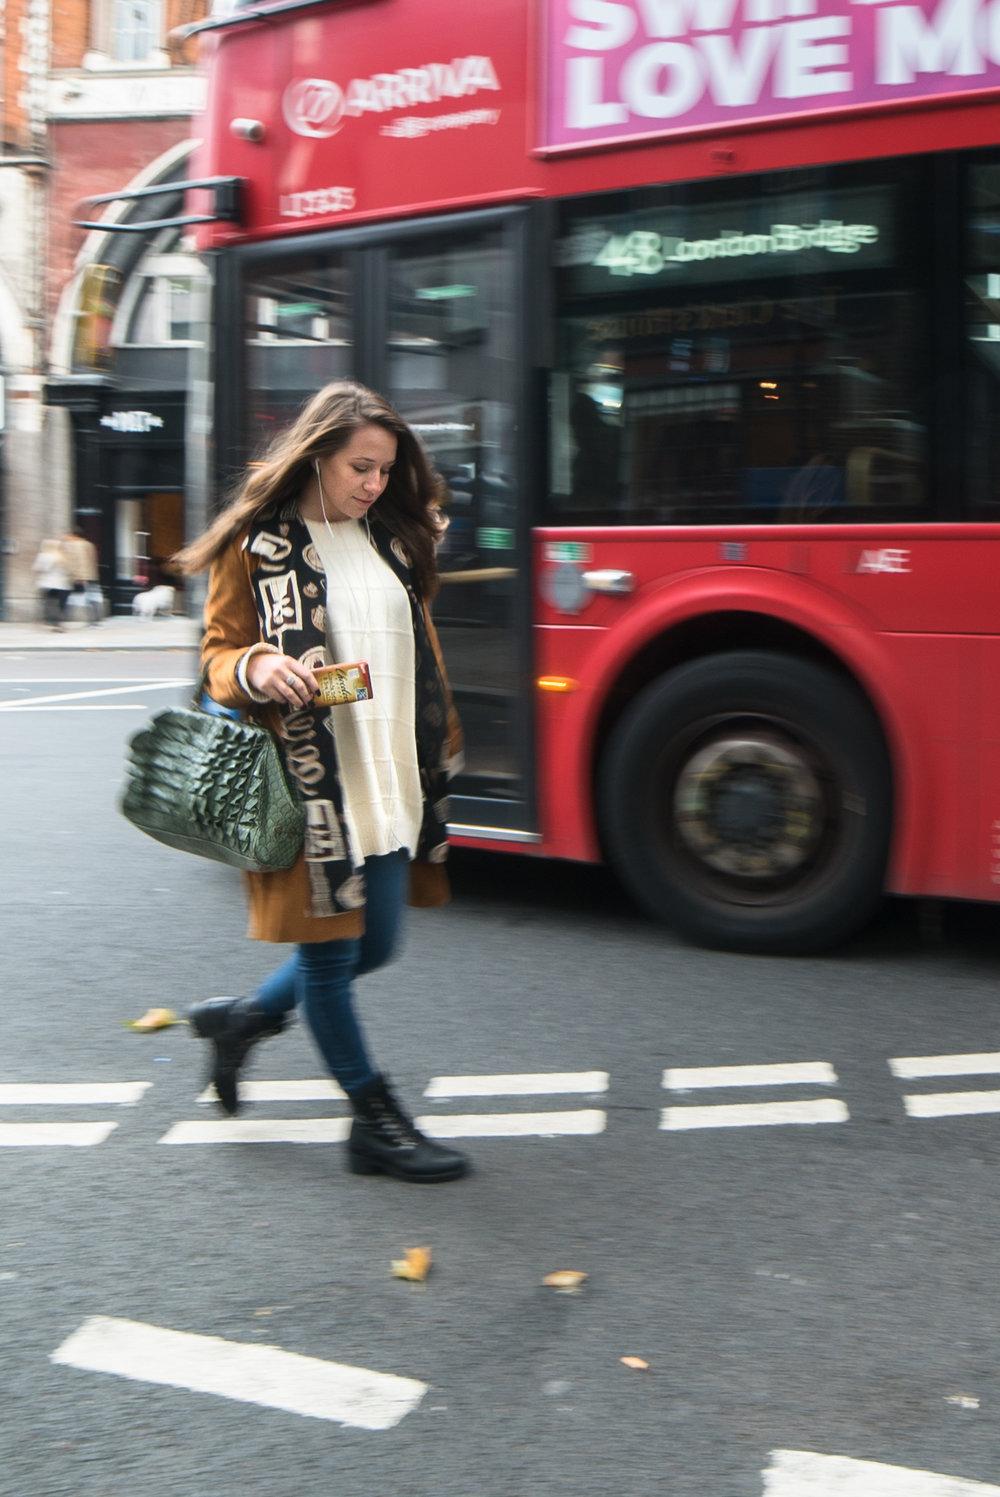 London_87-2.jpg